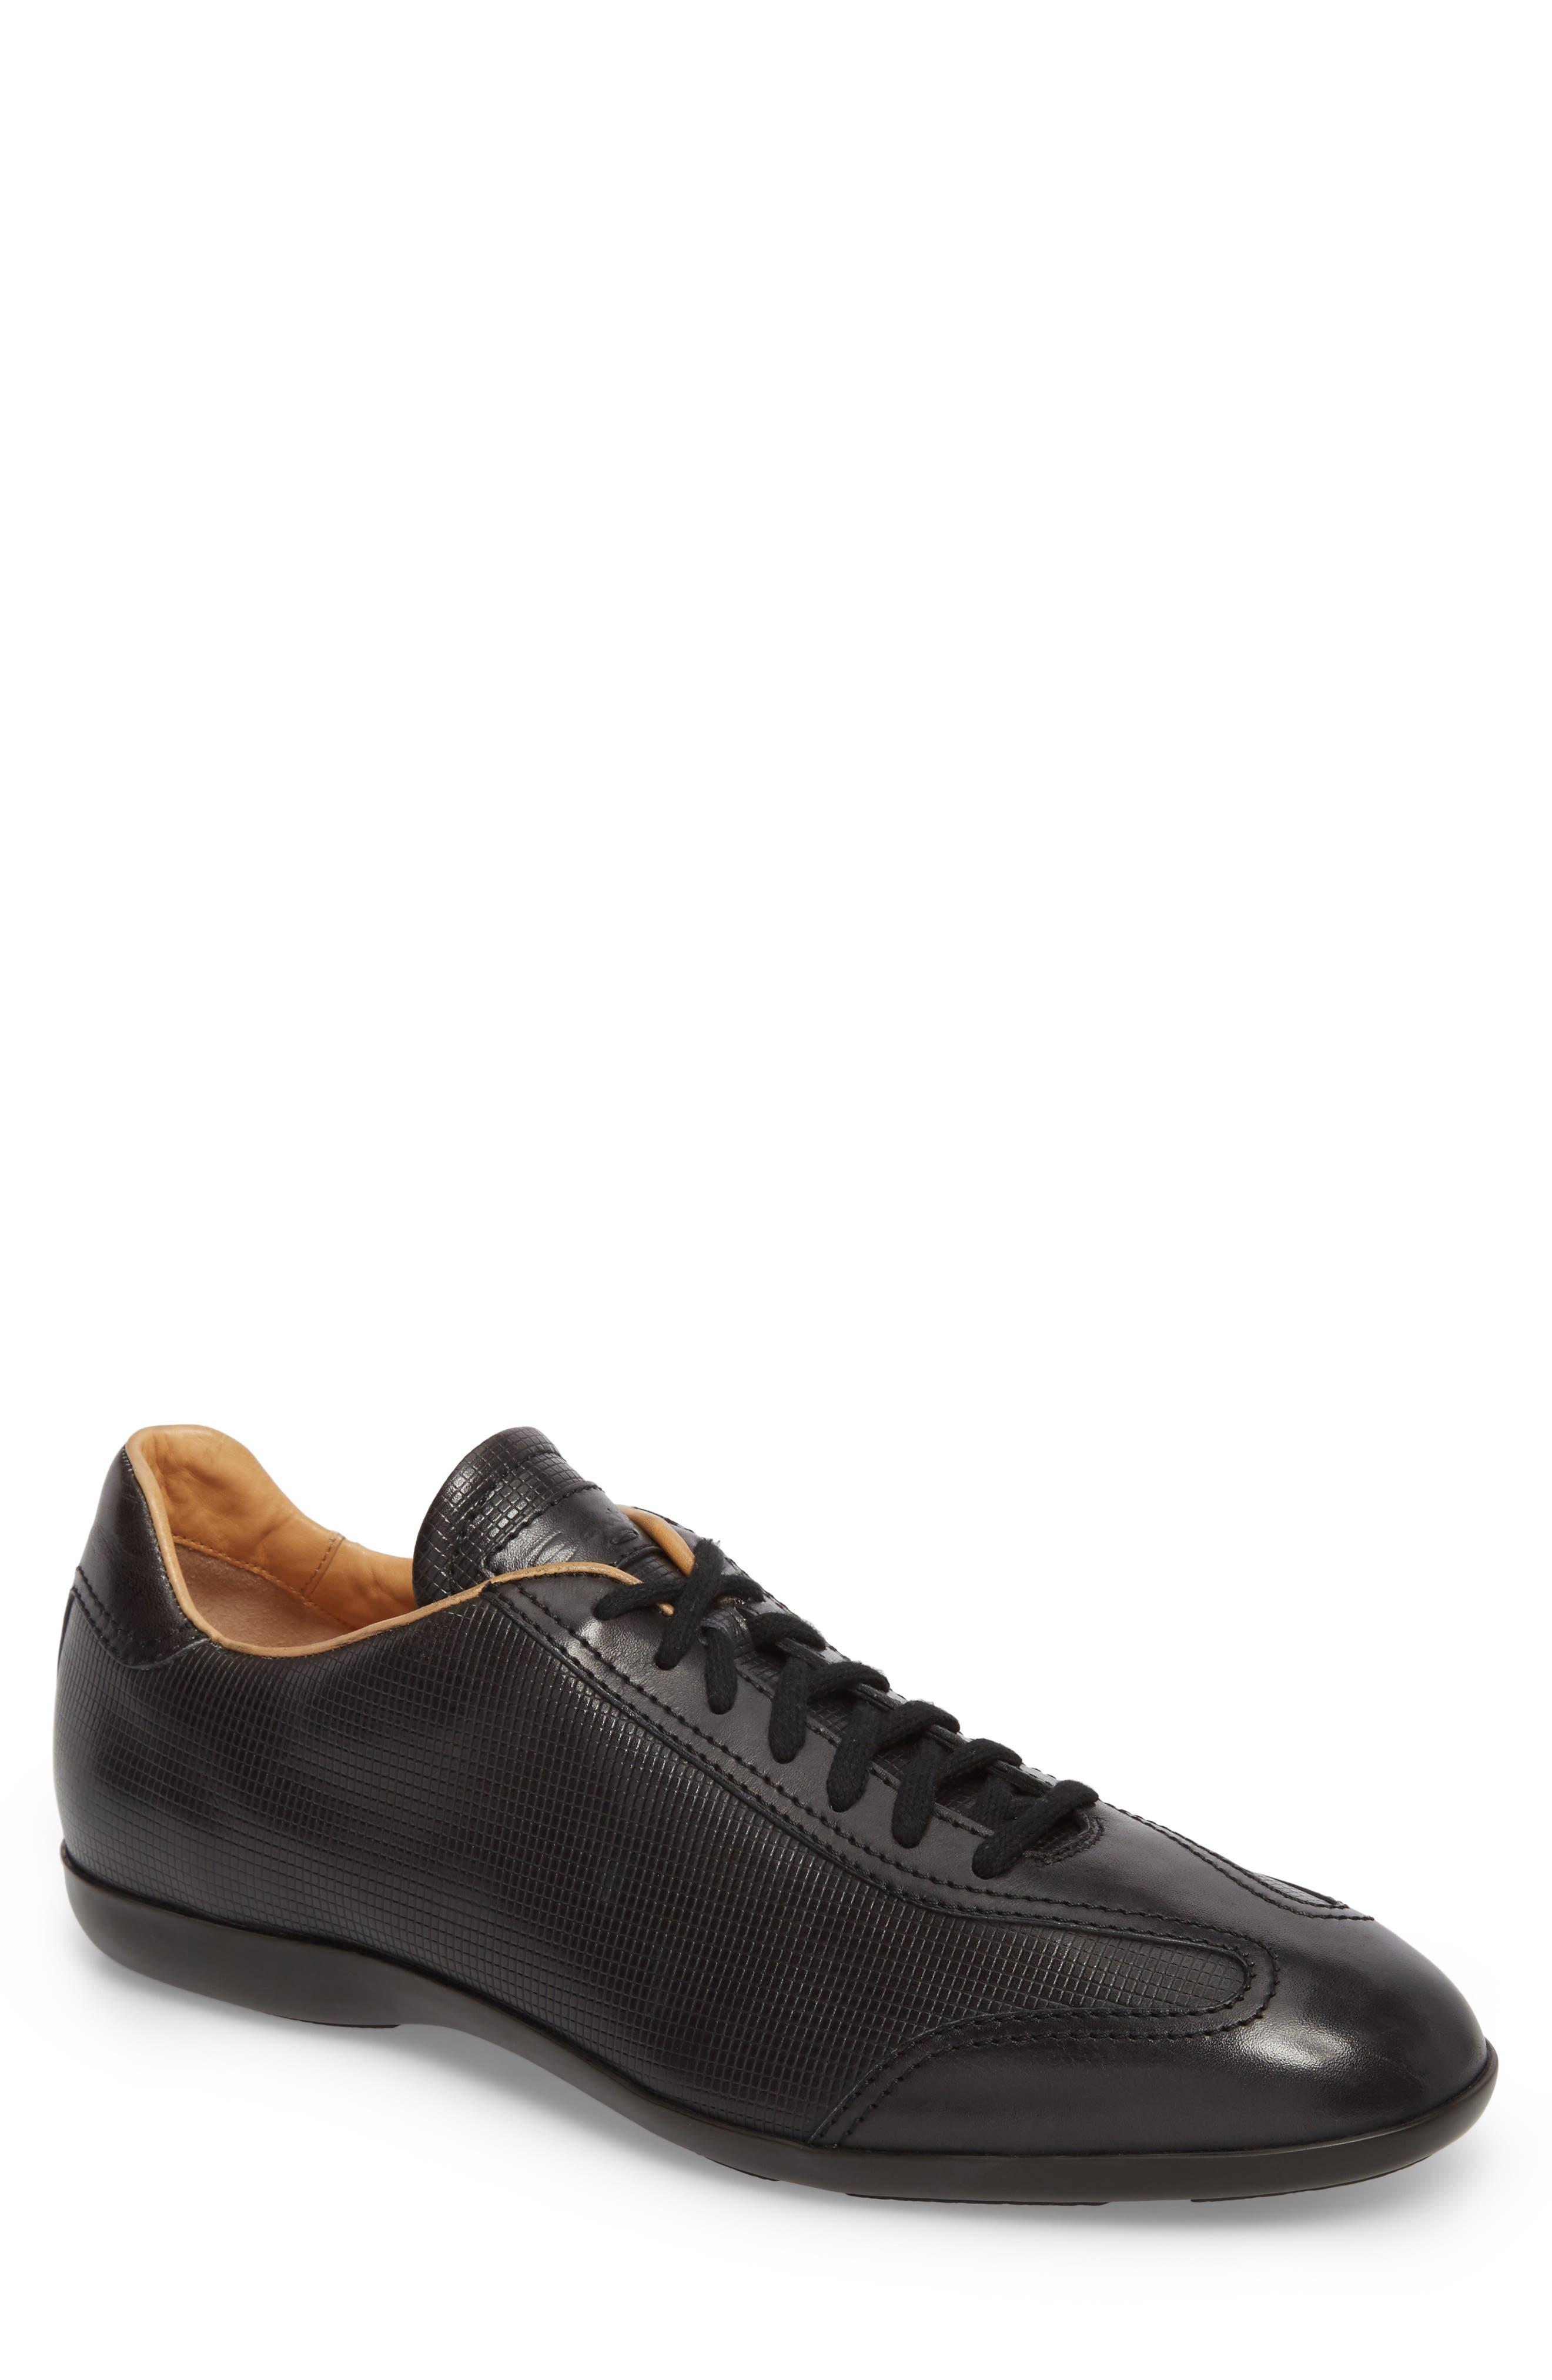 'Cortez' Sneaker,                             Main thumbnail 1, color,                             200